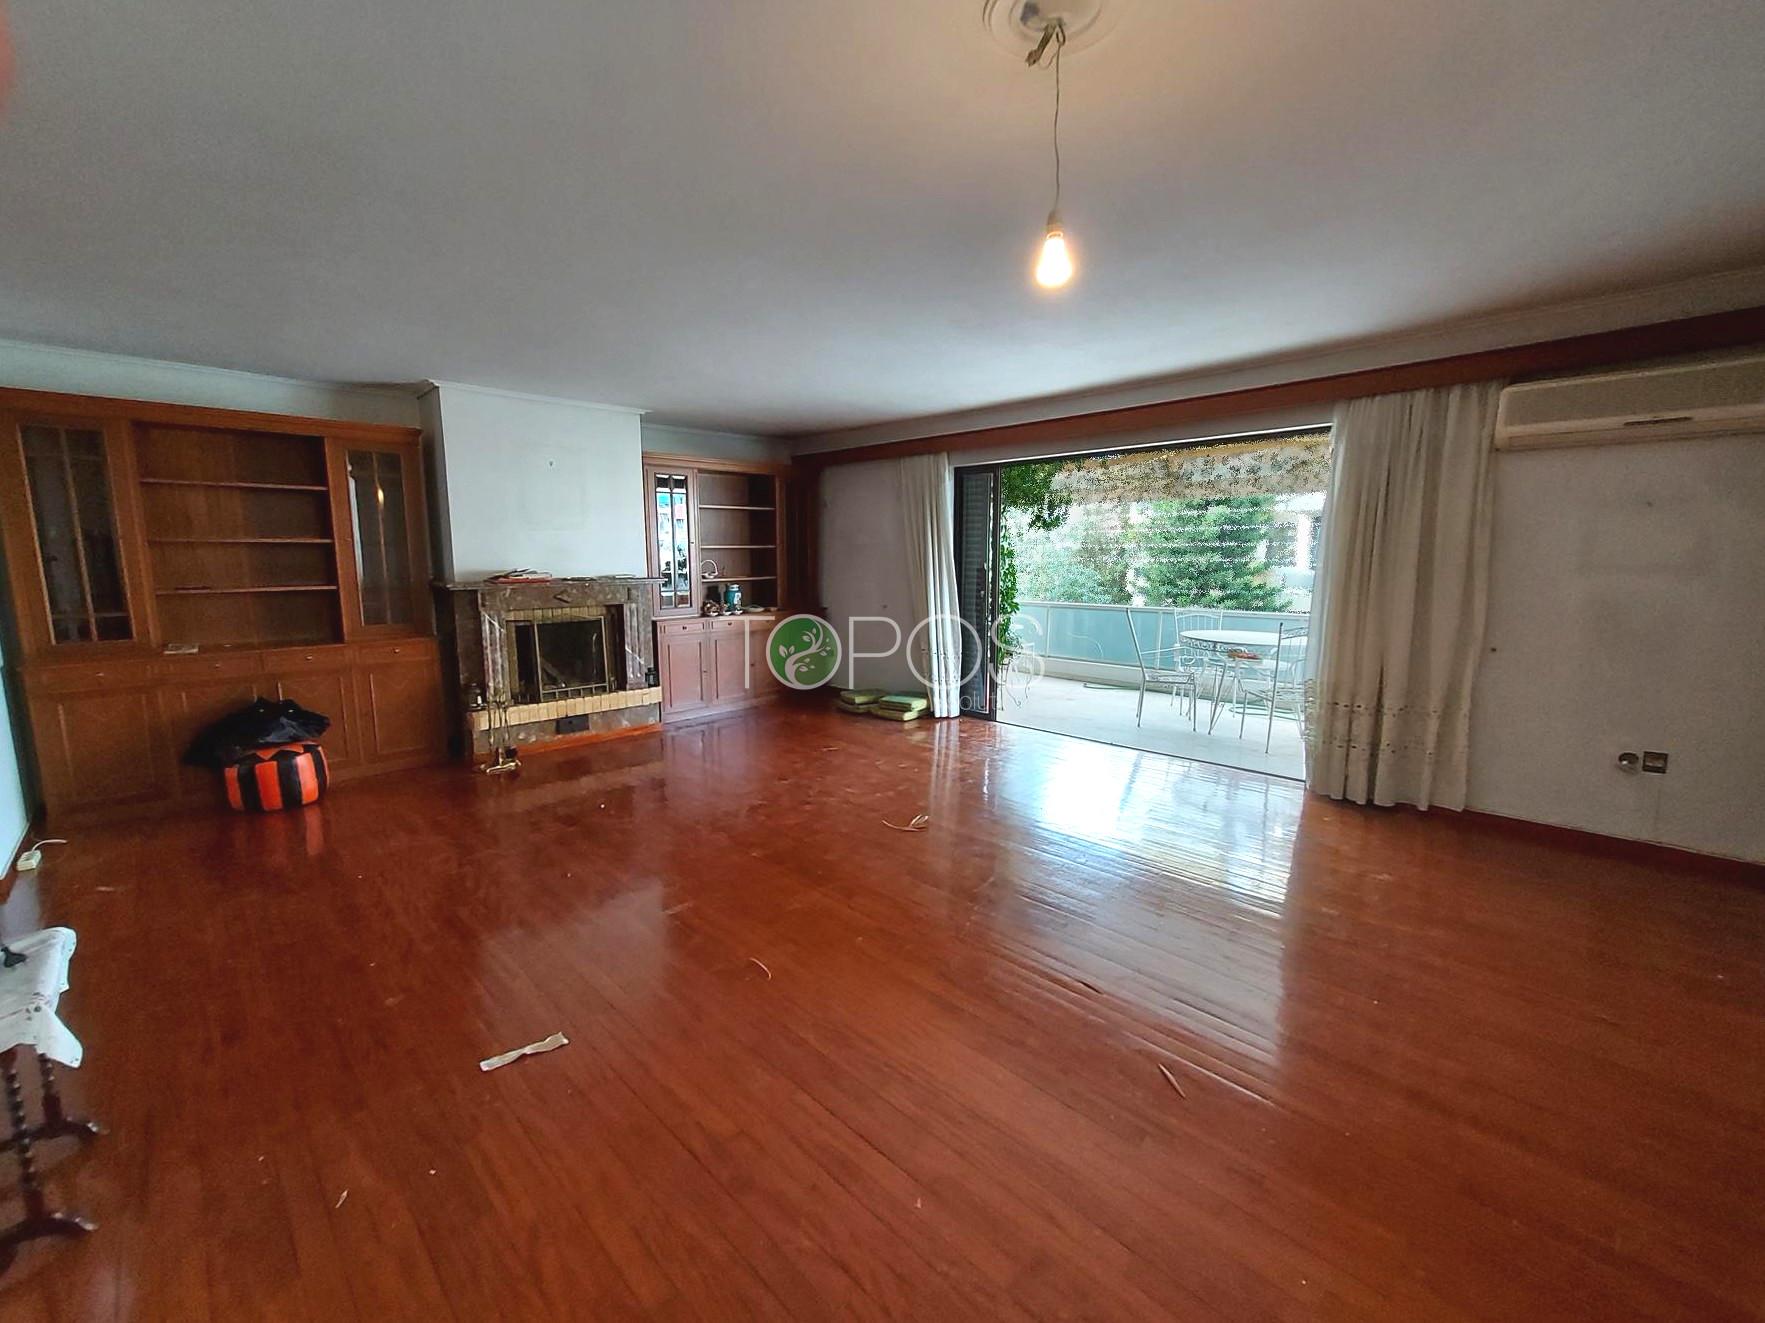 """Πωλείται στην περιοχή """"Πλατεία Δημοκρατίας"""" στον Χολαργό, διαμέρισμα 2ου ορόφου, 116 μ²"""